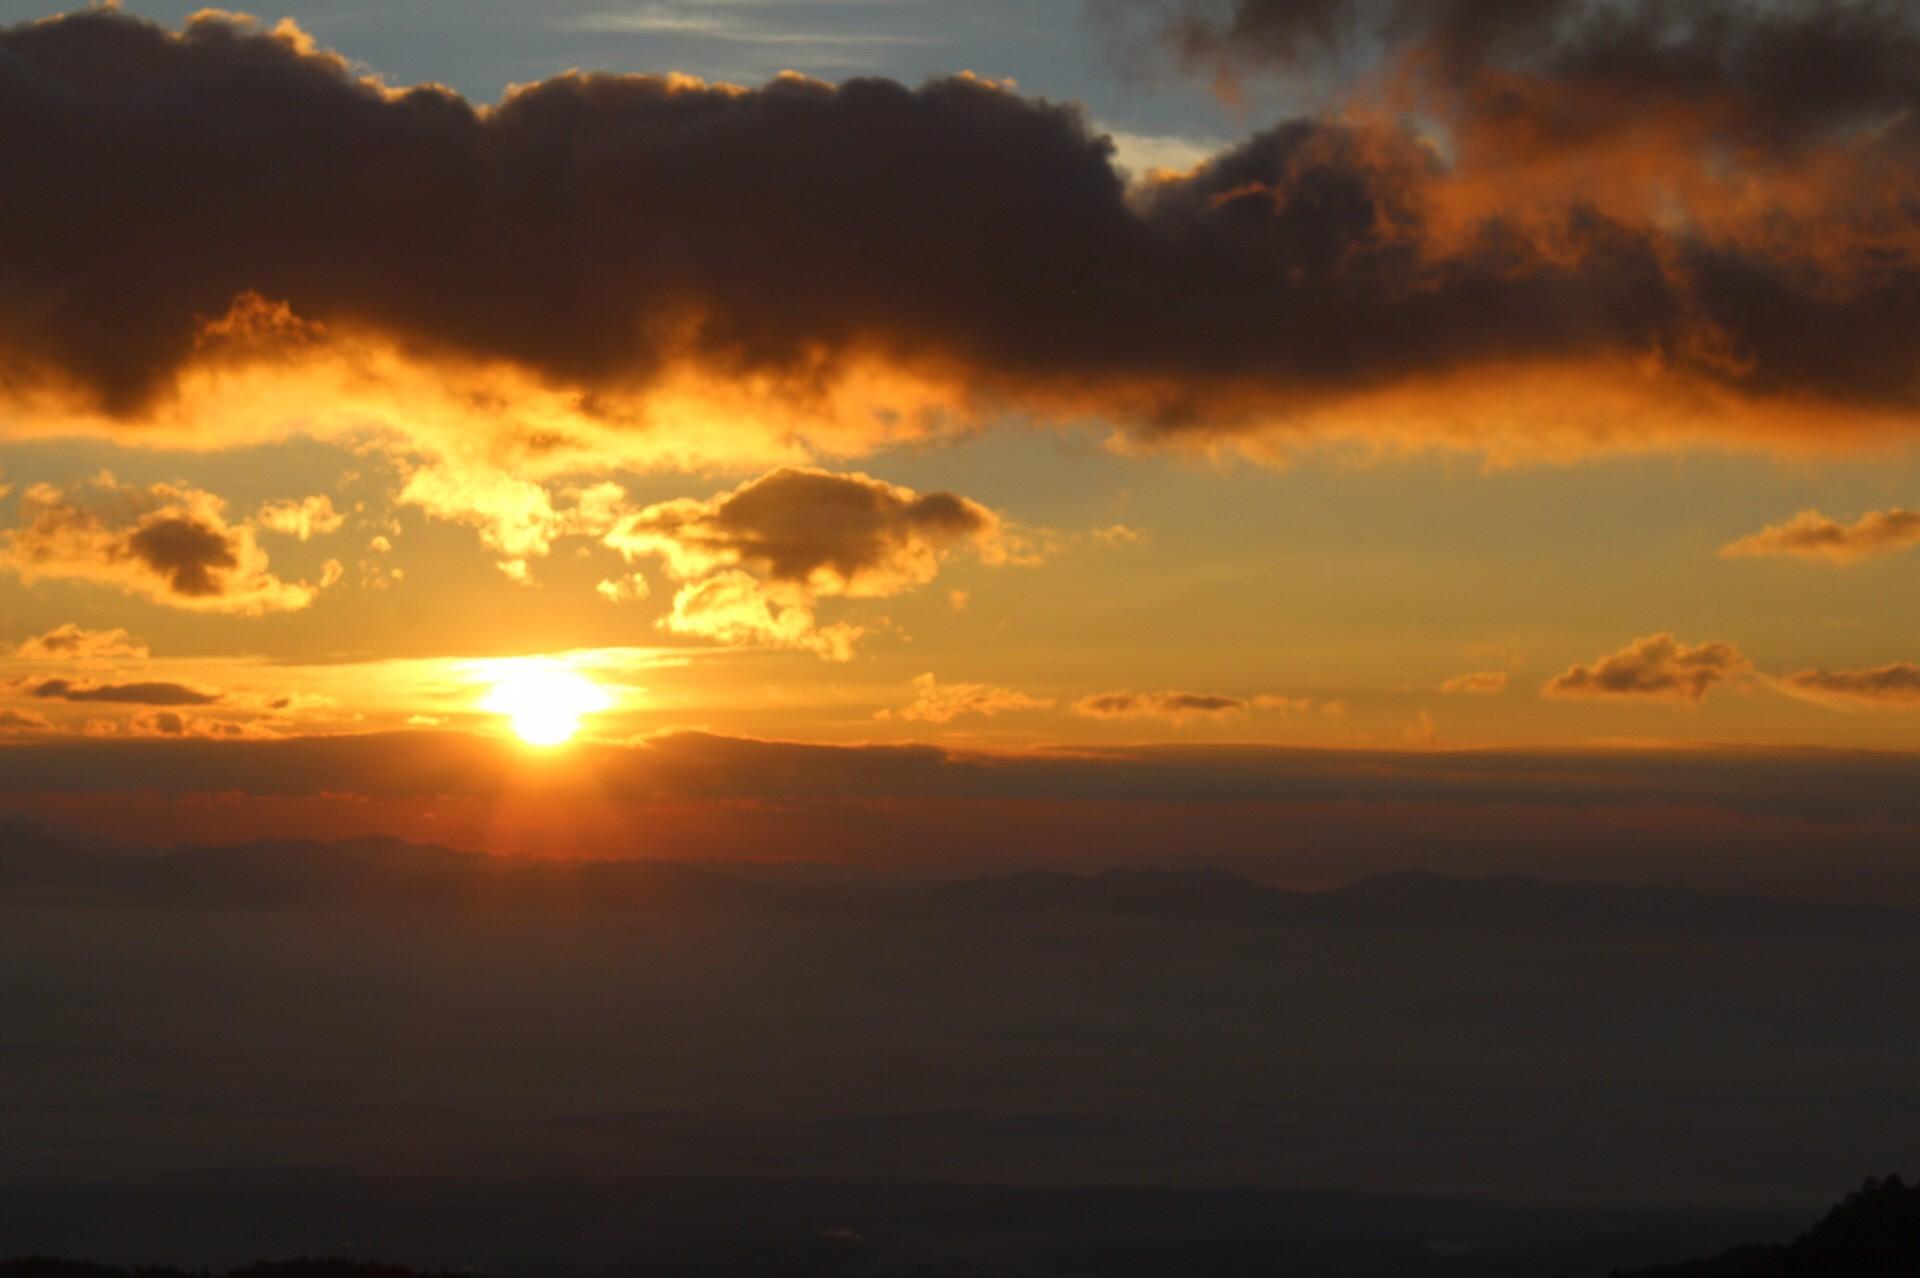 พระอาทิตย์ขึ้นแล้ว